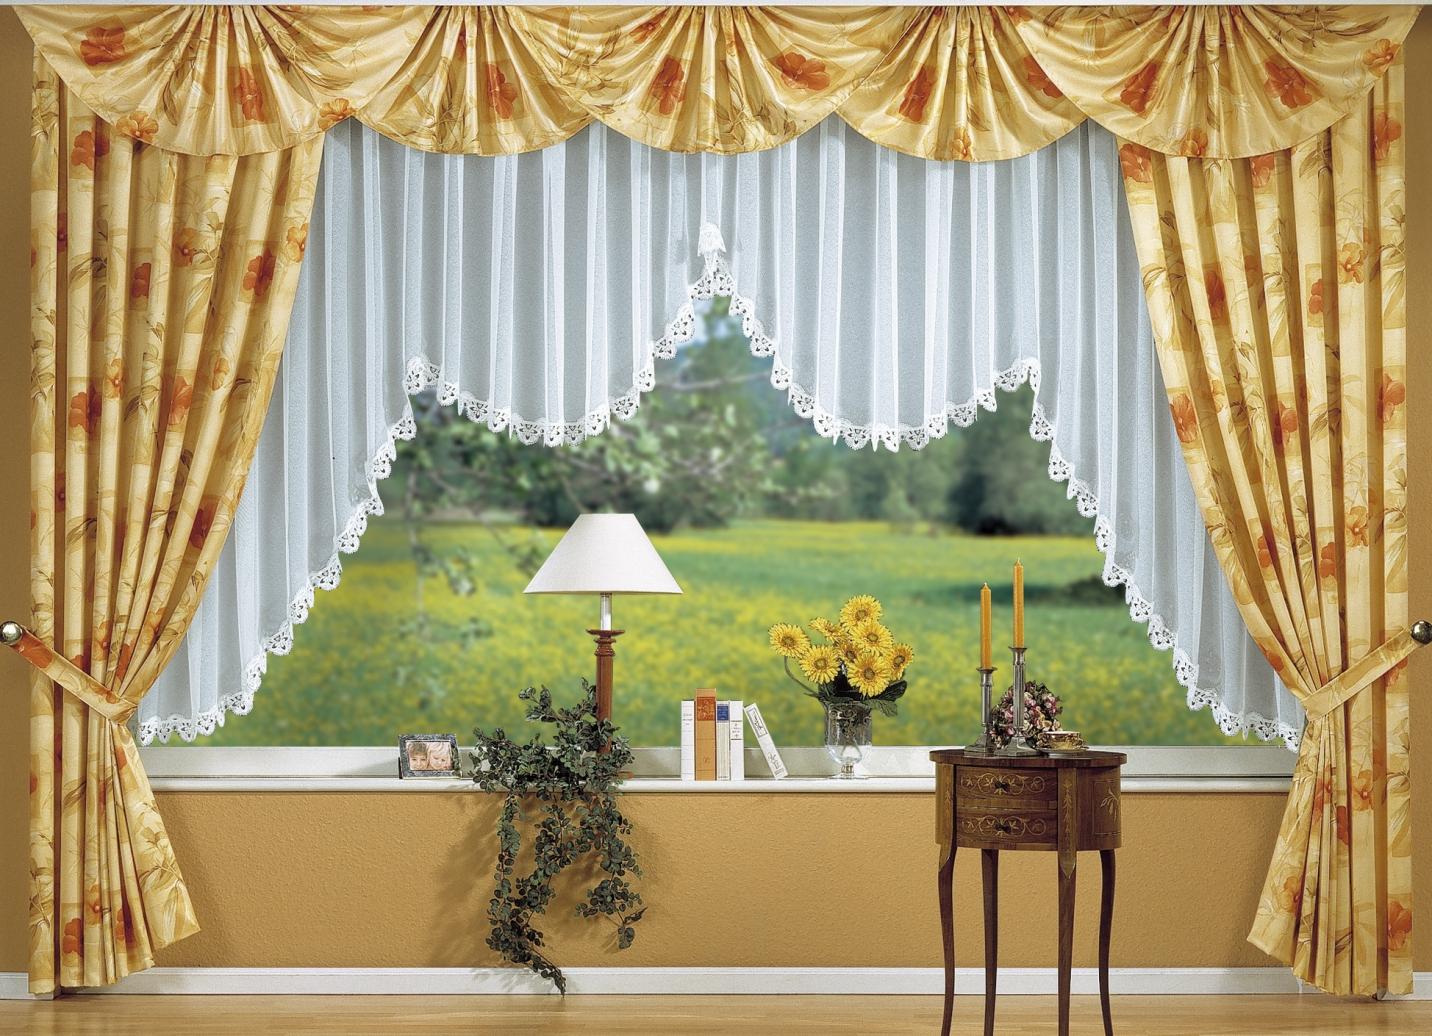 fensterdekoration in verschiedenen ausführungen - gardinen | bader, Wohnzimmer dekoo